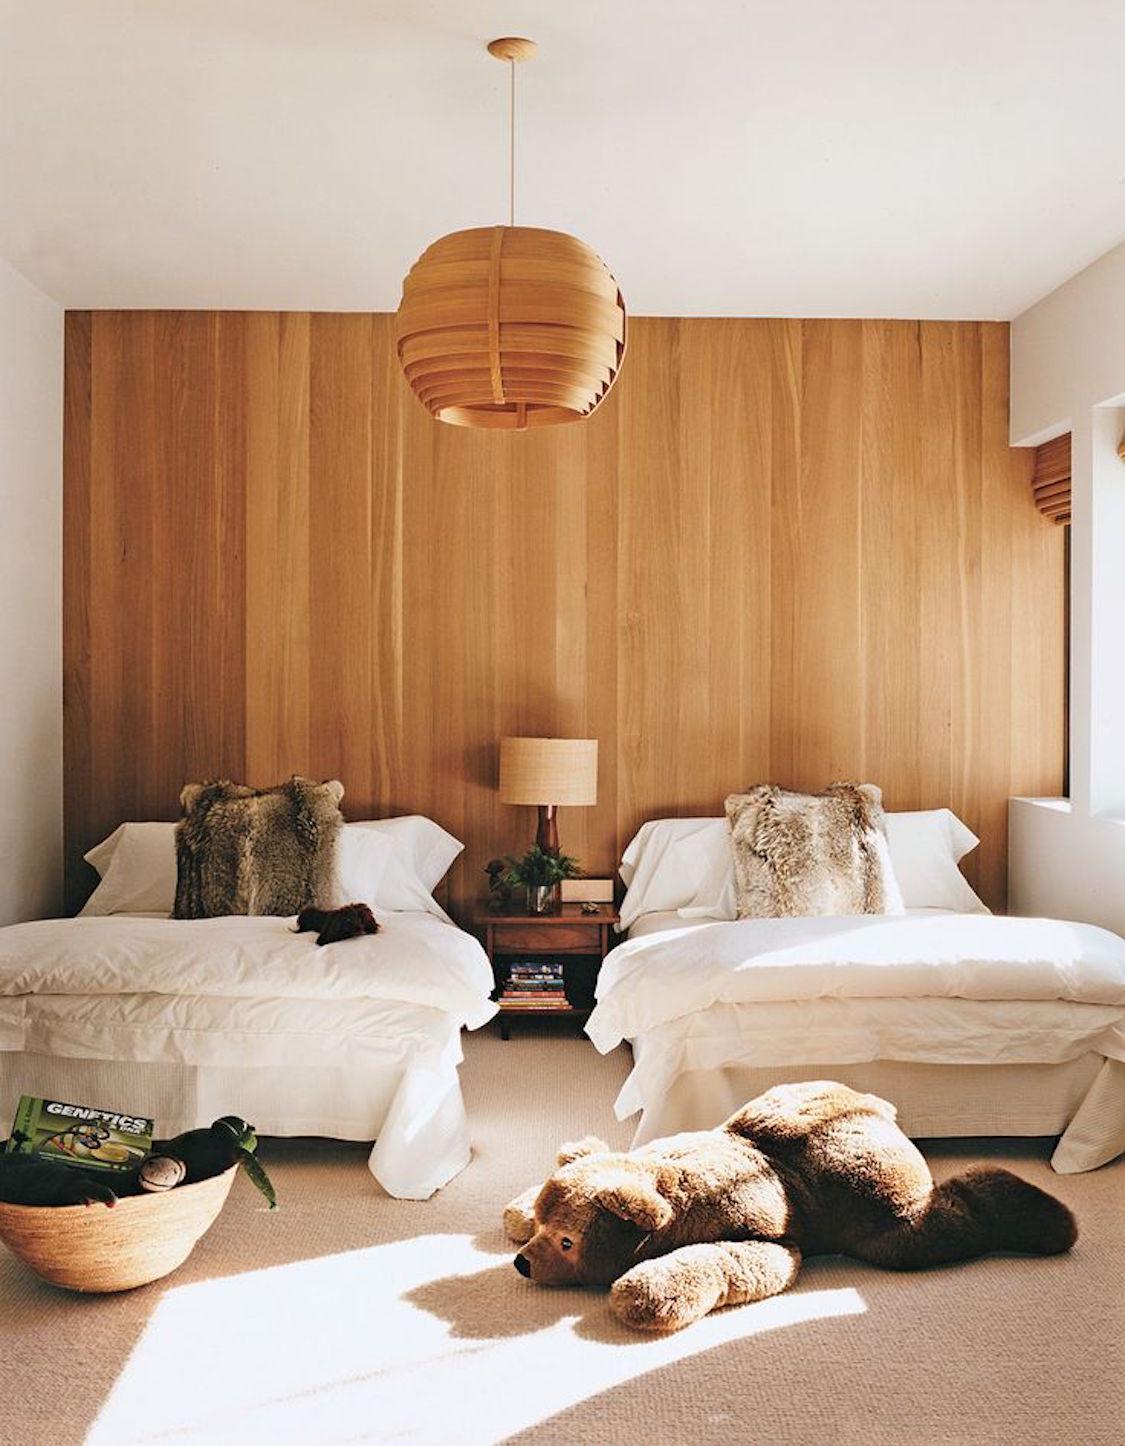 ambientes-e-decoracao-com-paredes-revestidas-de-madeira-dani-noce-2